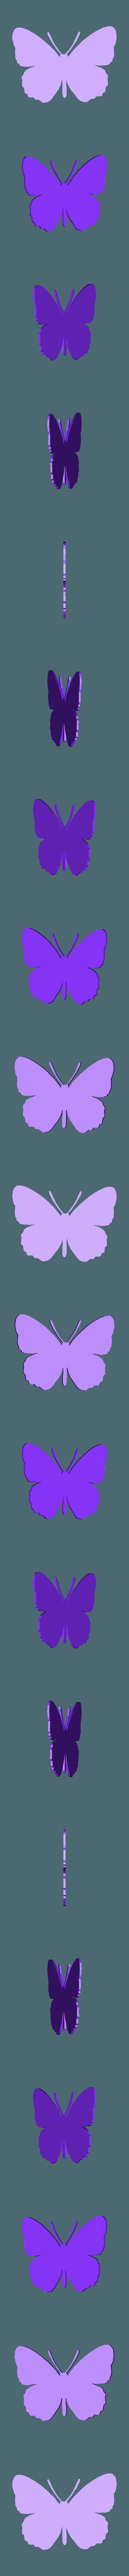 papillon petit.stl Télécharger fichier STL papillons en relief • Objet pour impression 3D, catf3d